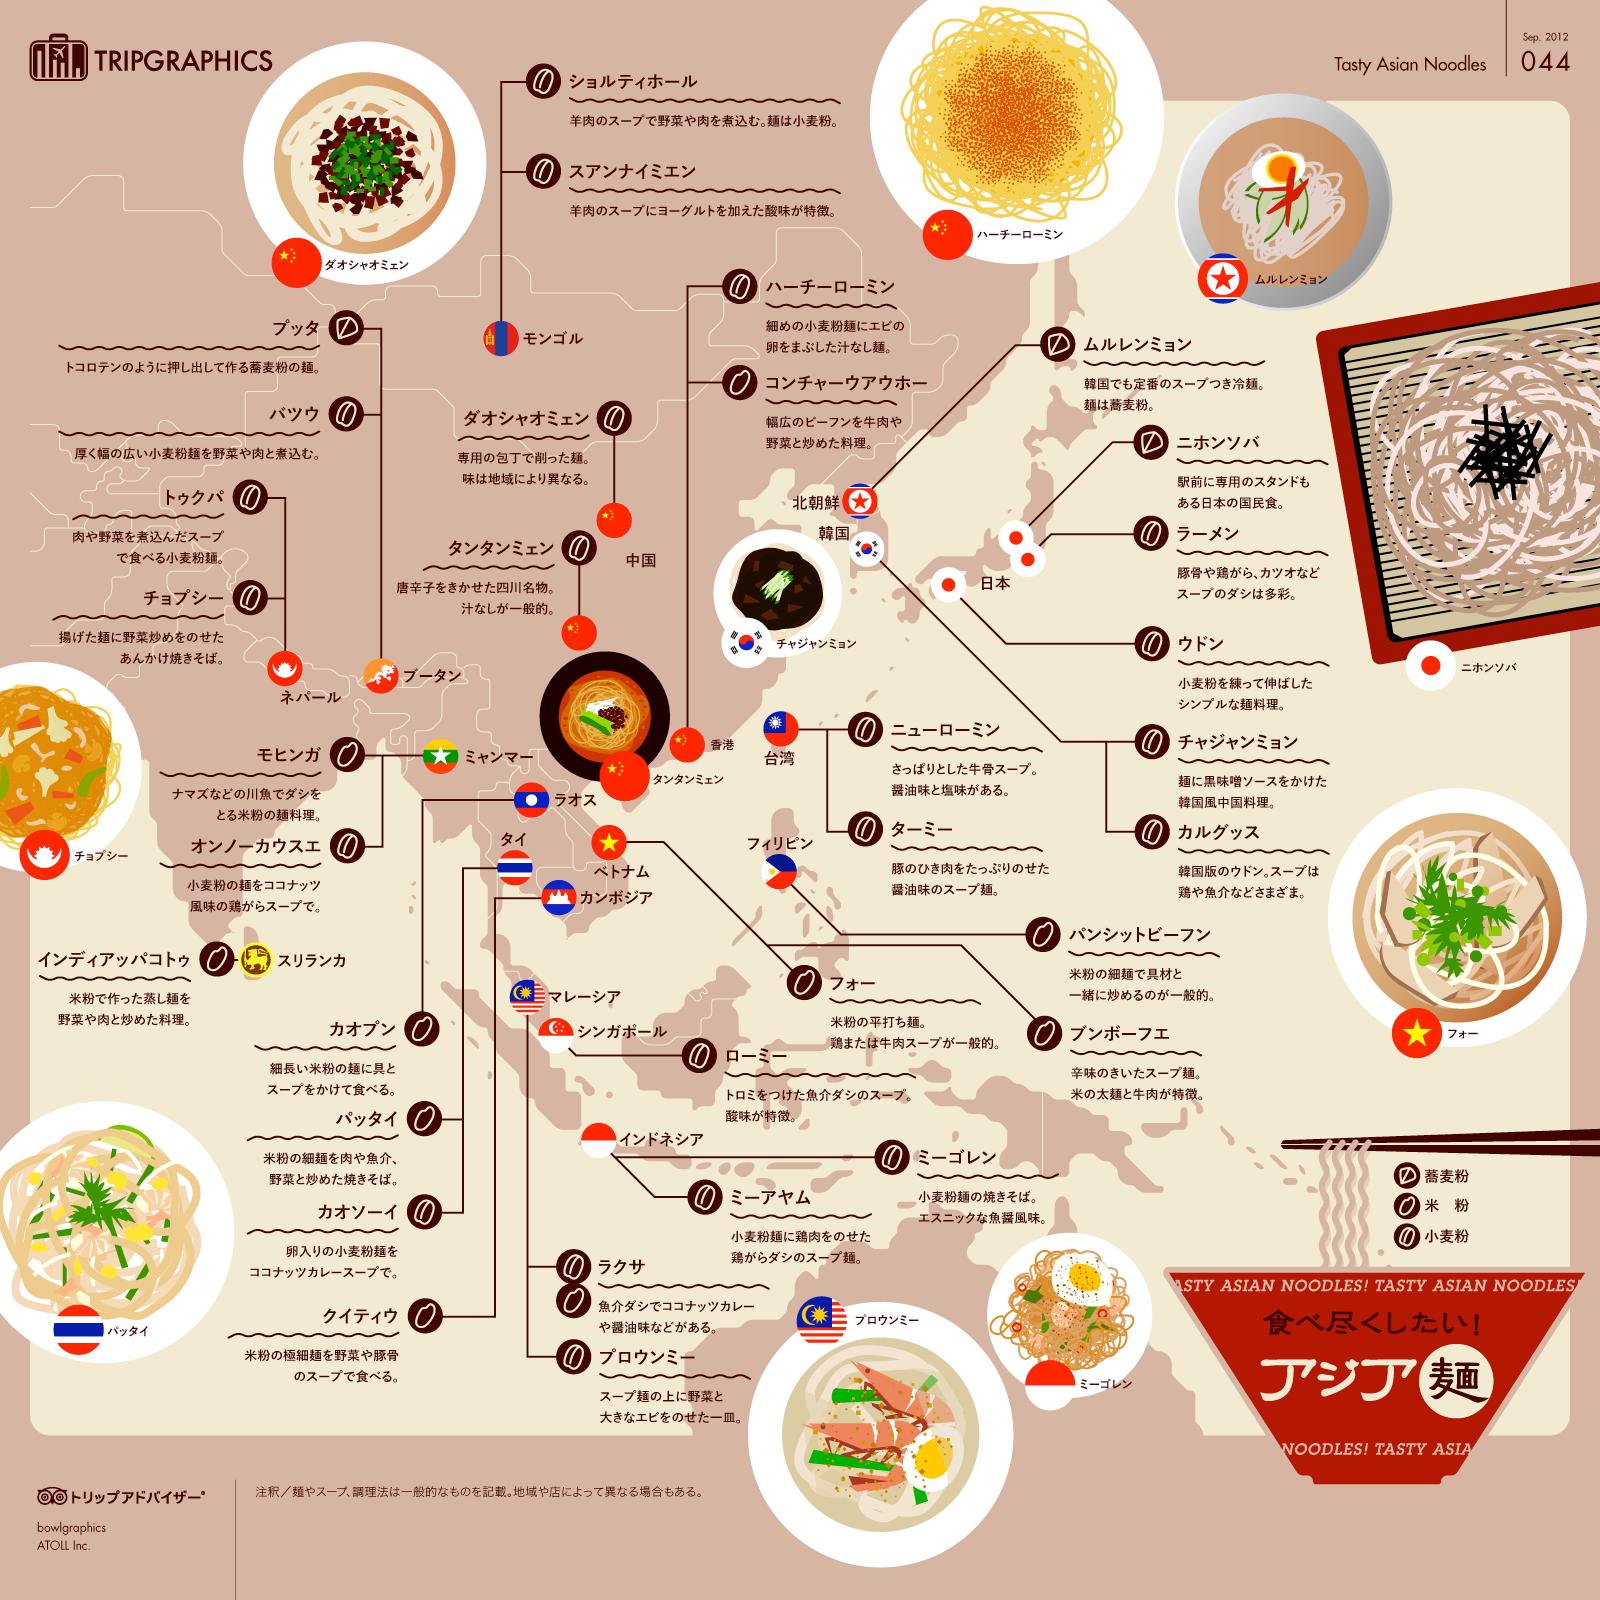 インフォグラフィック:アジアのオススメ麺料理34種類。ラーメンを超える麺はあるのか